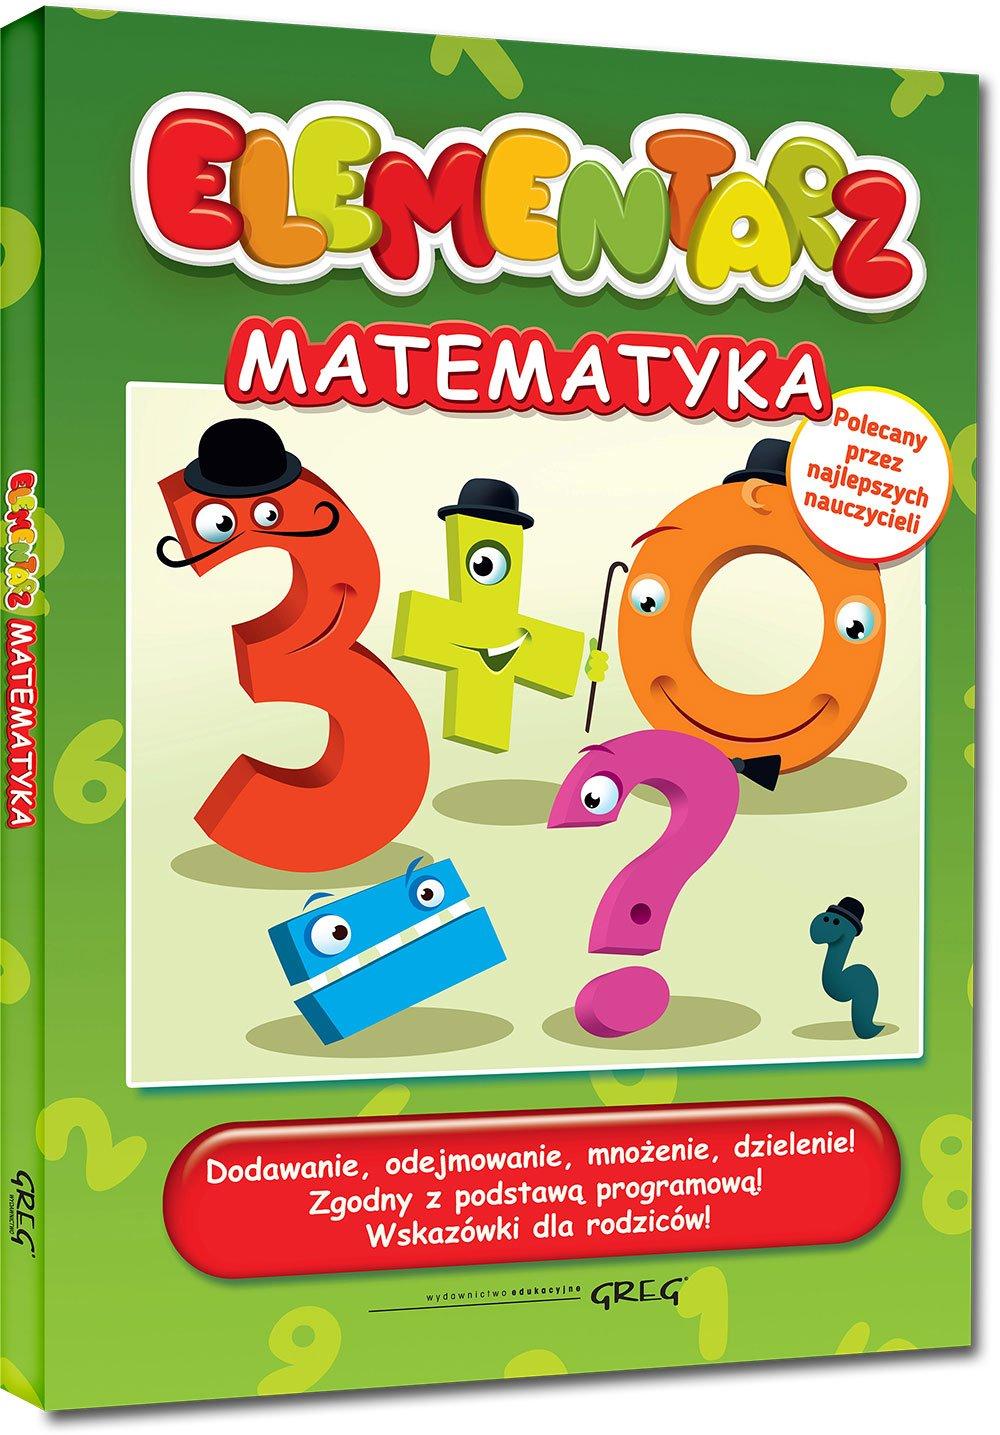 Elementarz matematyka ebook